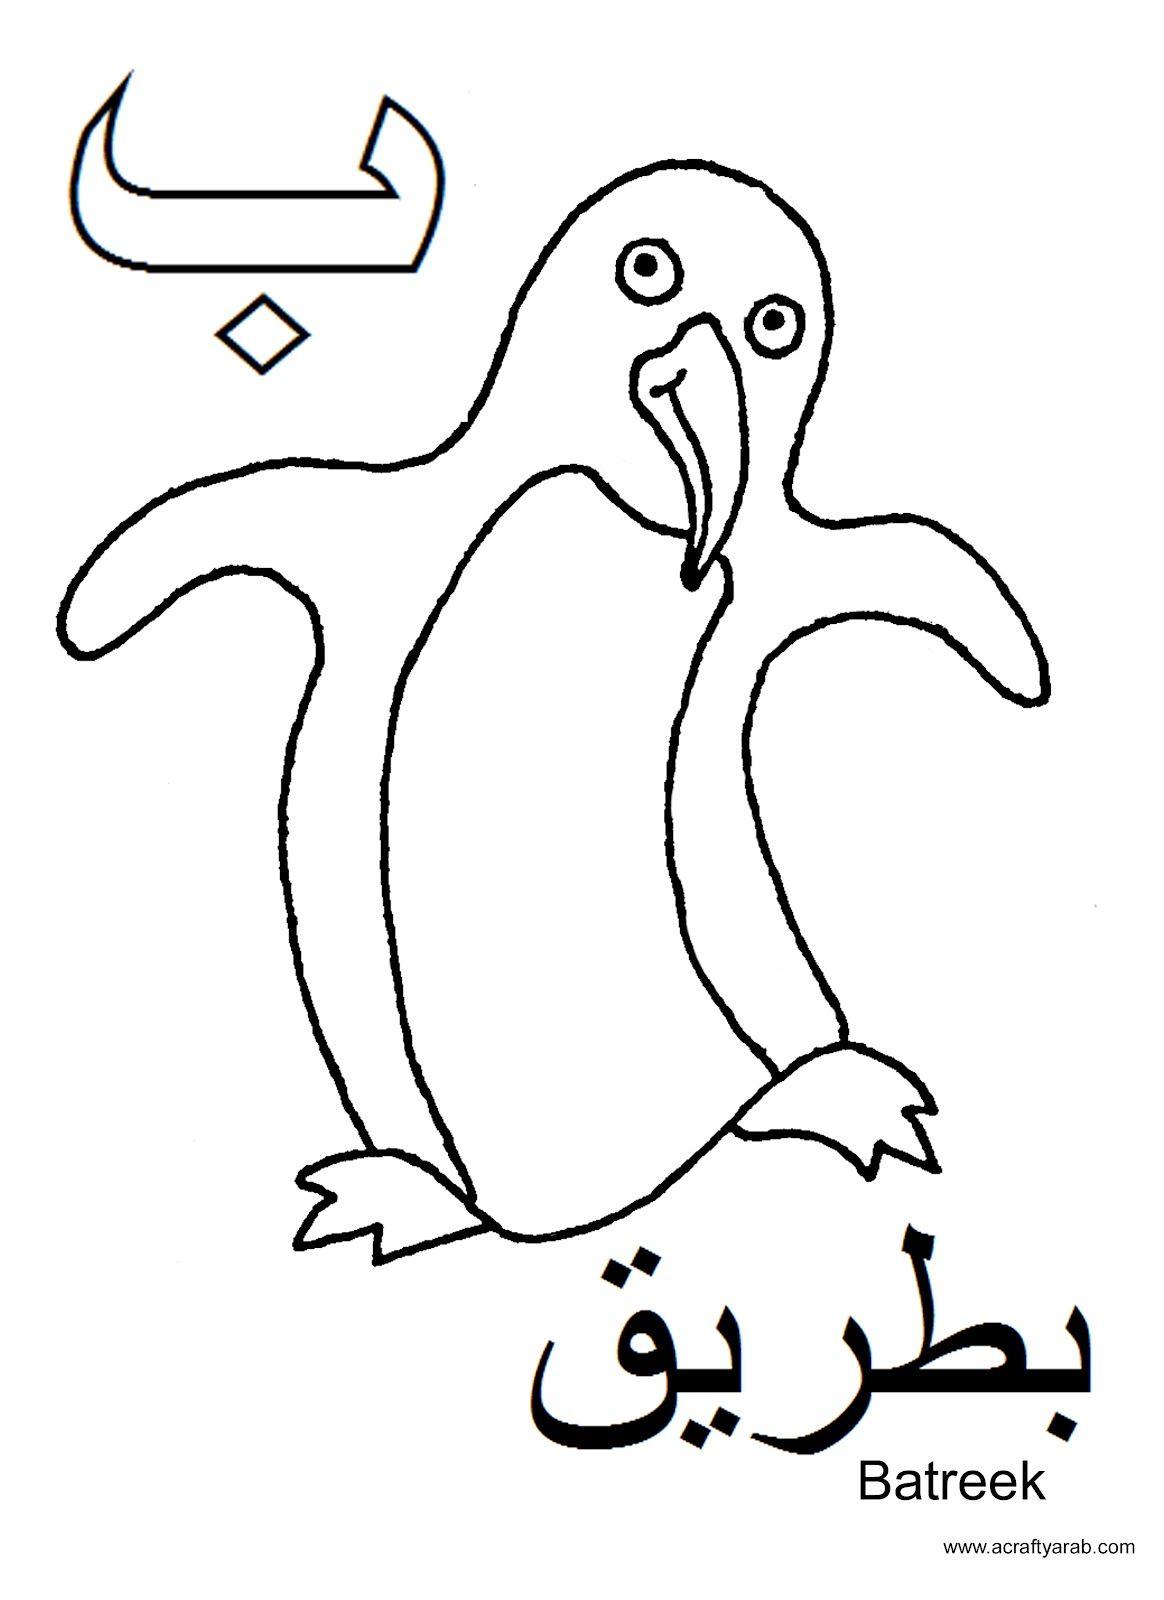 Batreek Penguin Coloring Page Alphabet Coloring Pages Arabic Alphabet Alphabet Coloring